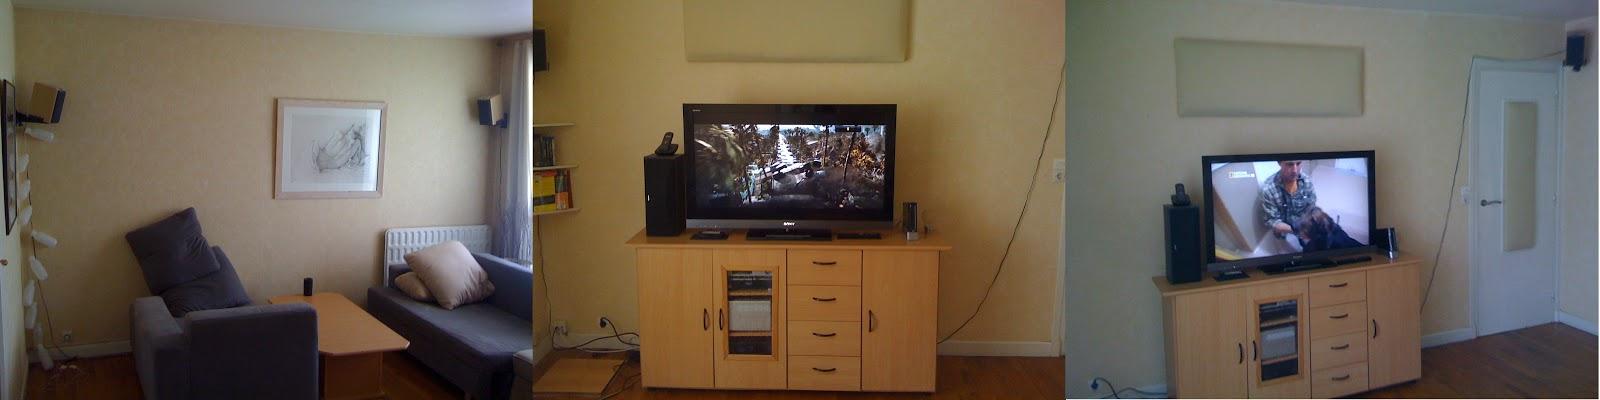 Meuble diy fini hc meuble et faux plafond 29933491 for Faux fini meuble